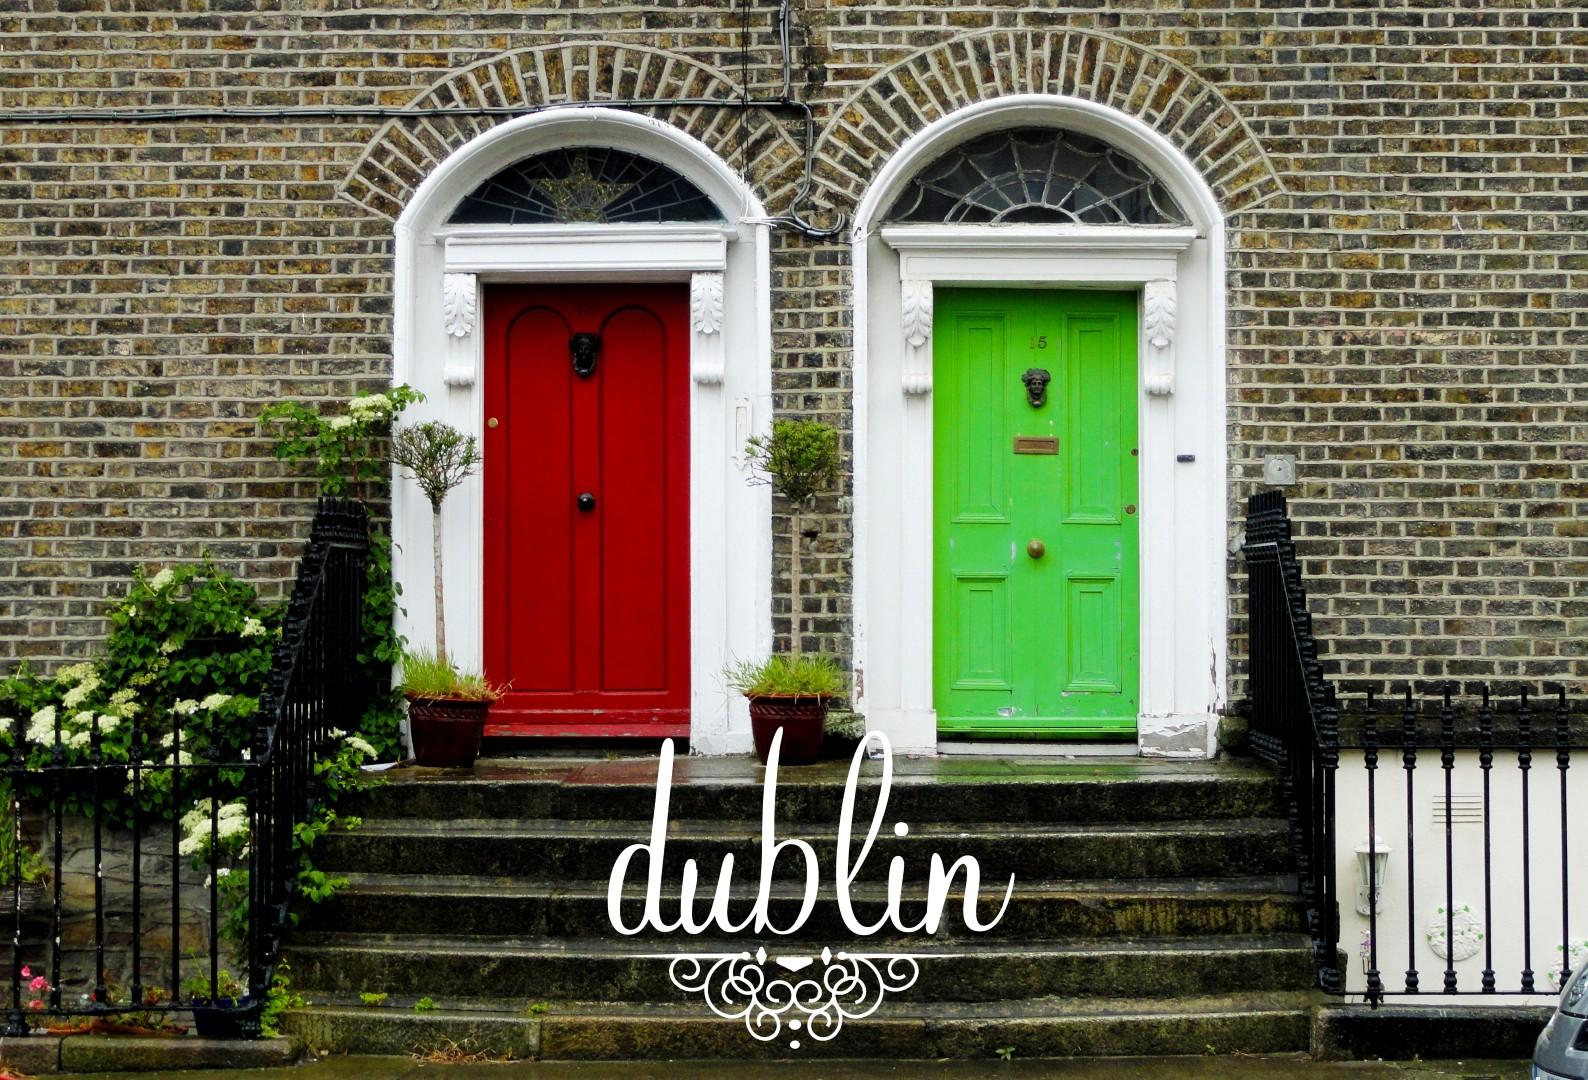 Dublin - Image de tête